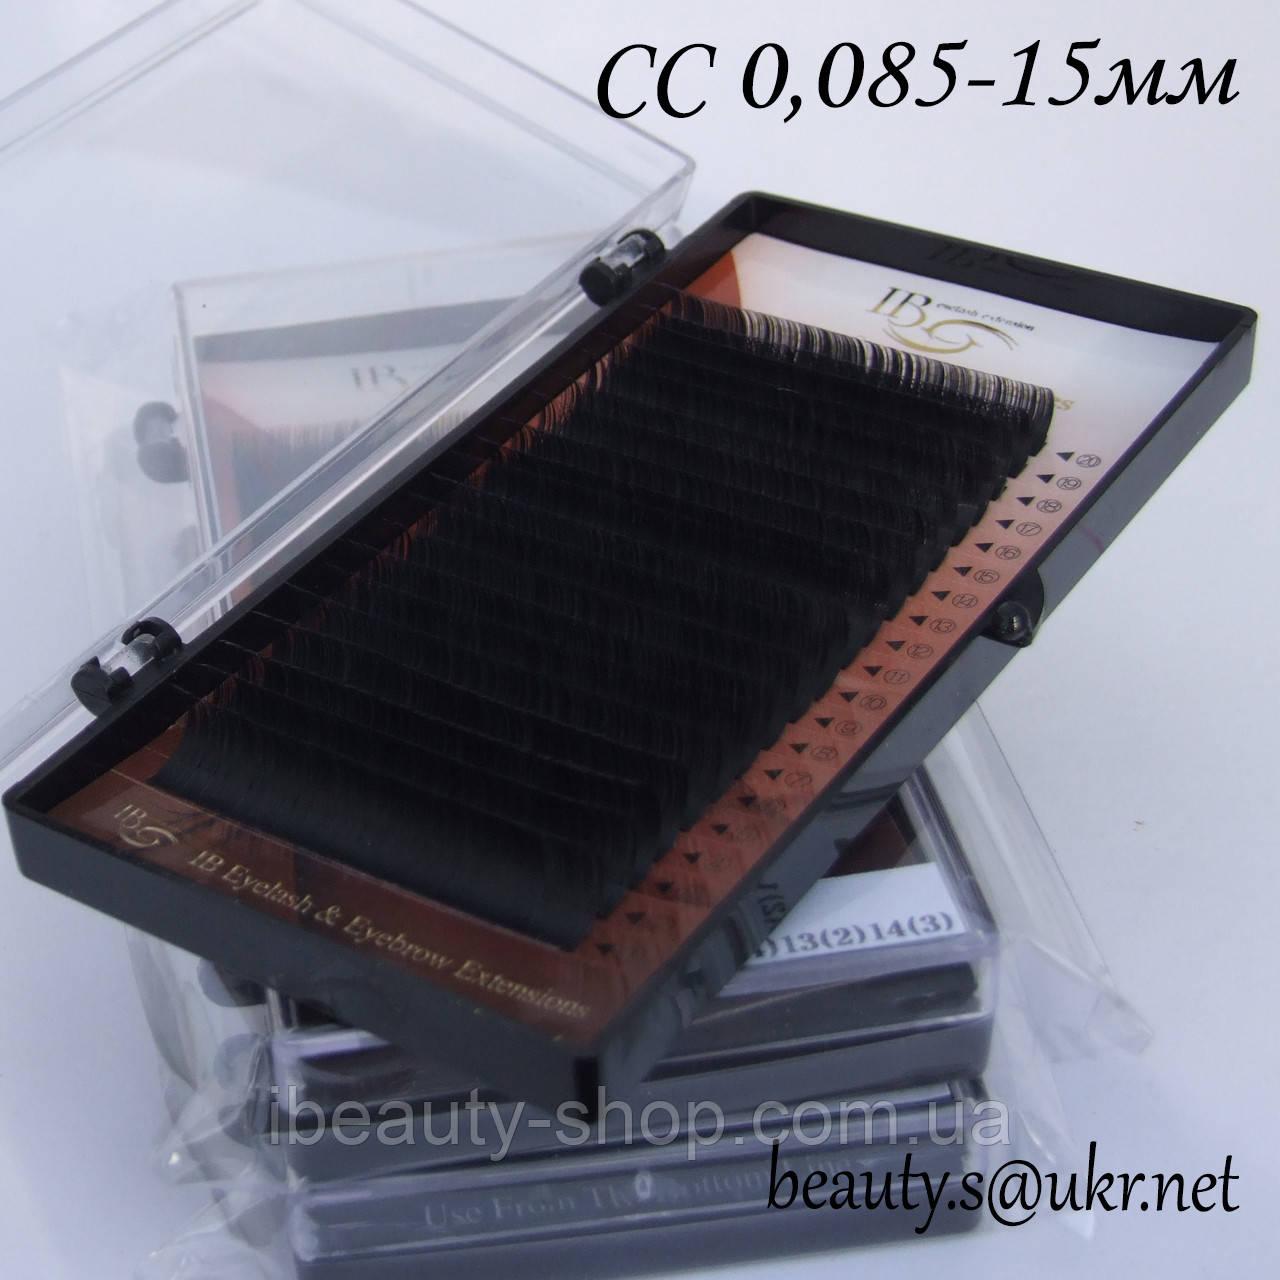 Ресницы  I-Beauty на ленте СC-0,085 15мм